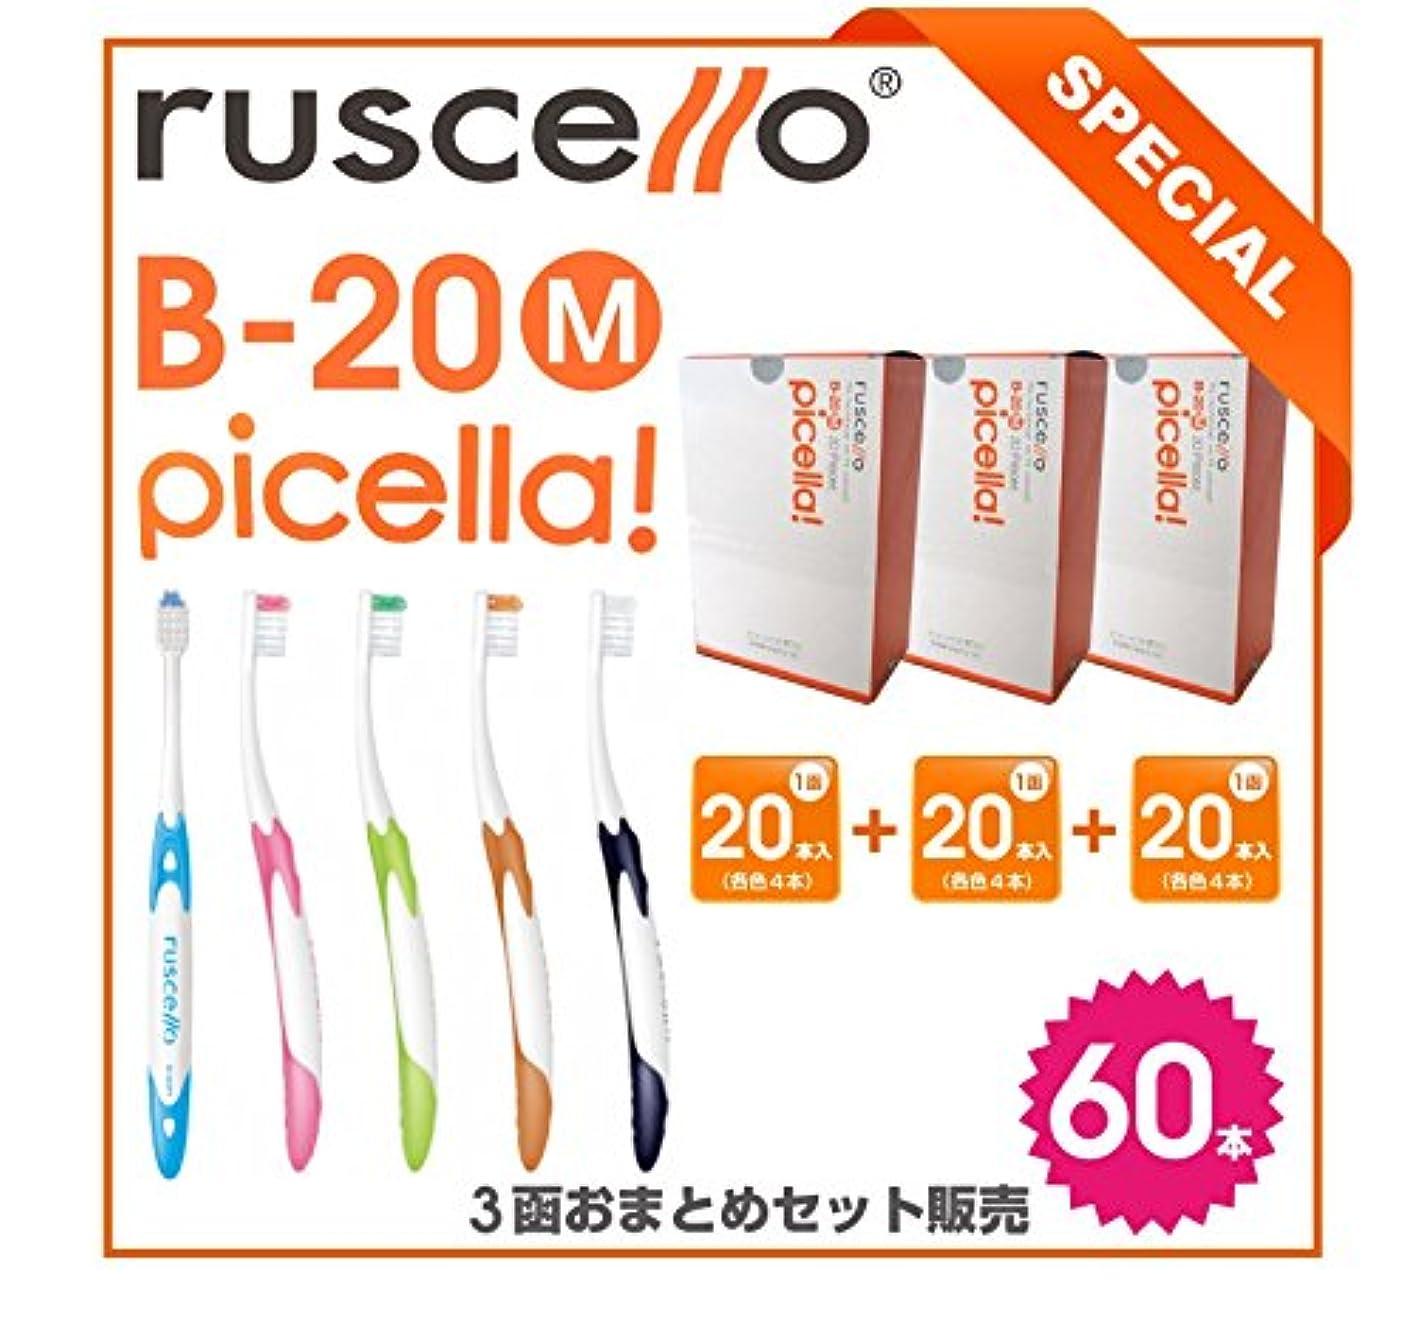 費やす達成可能野ウサギGC ジーシー ルシェロ歯ブラシ<B-20>ピセラ M ふつう 1函20本入×3函セット